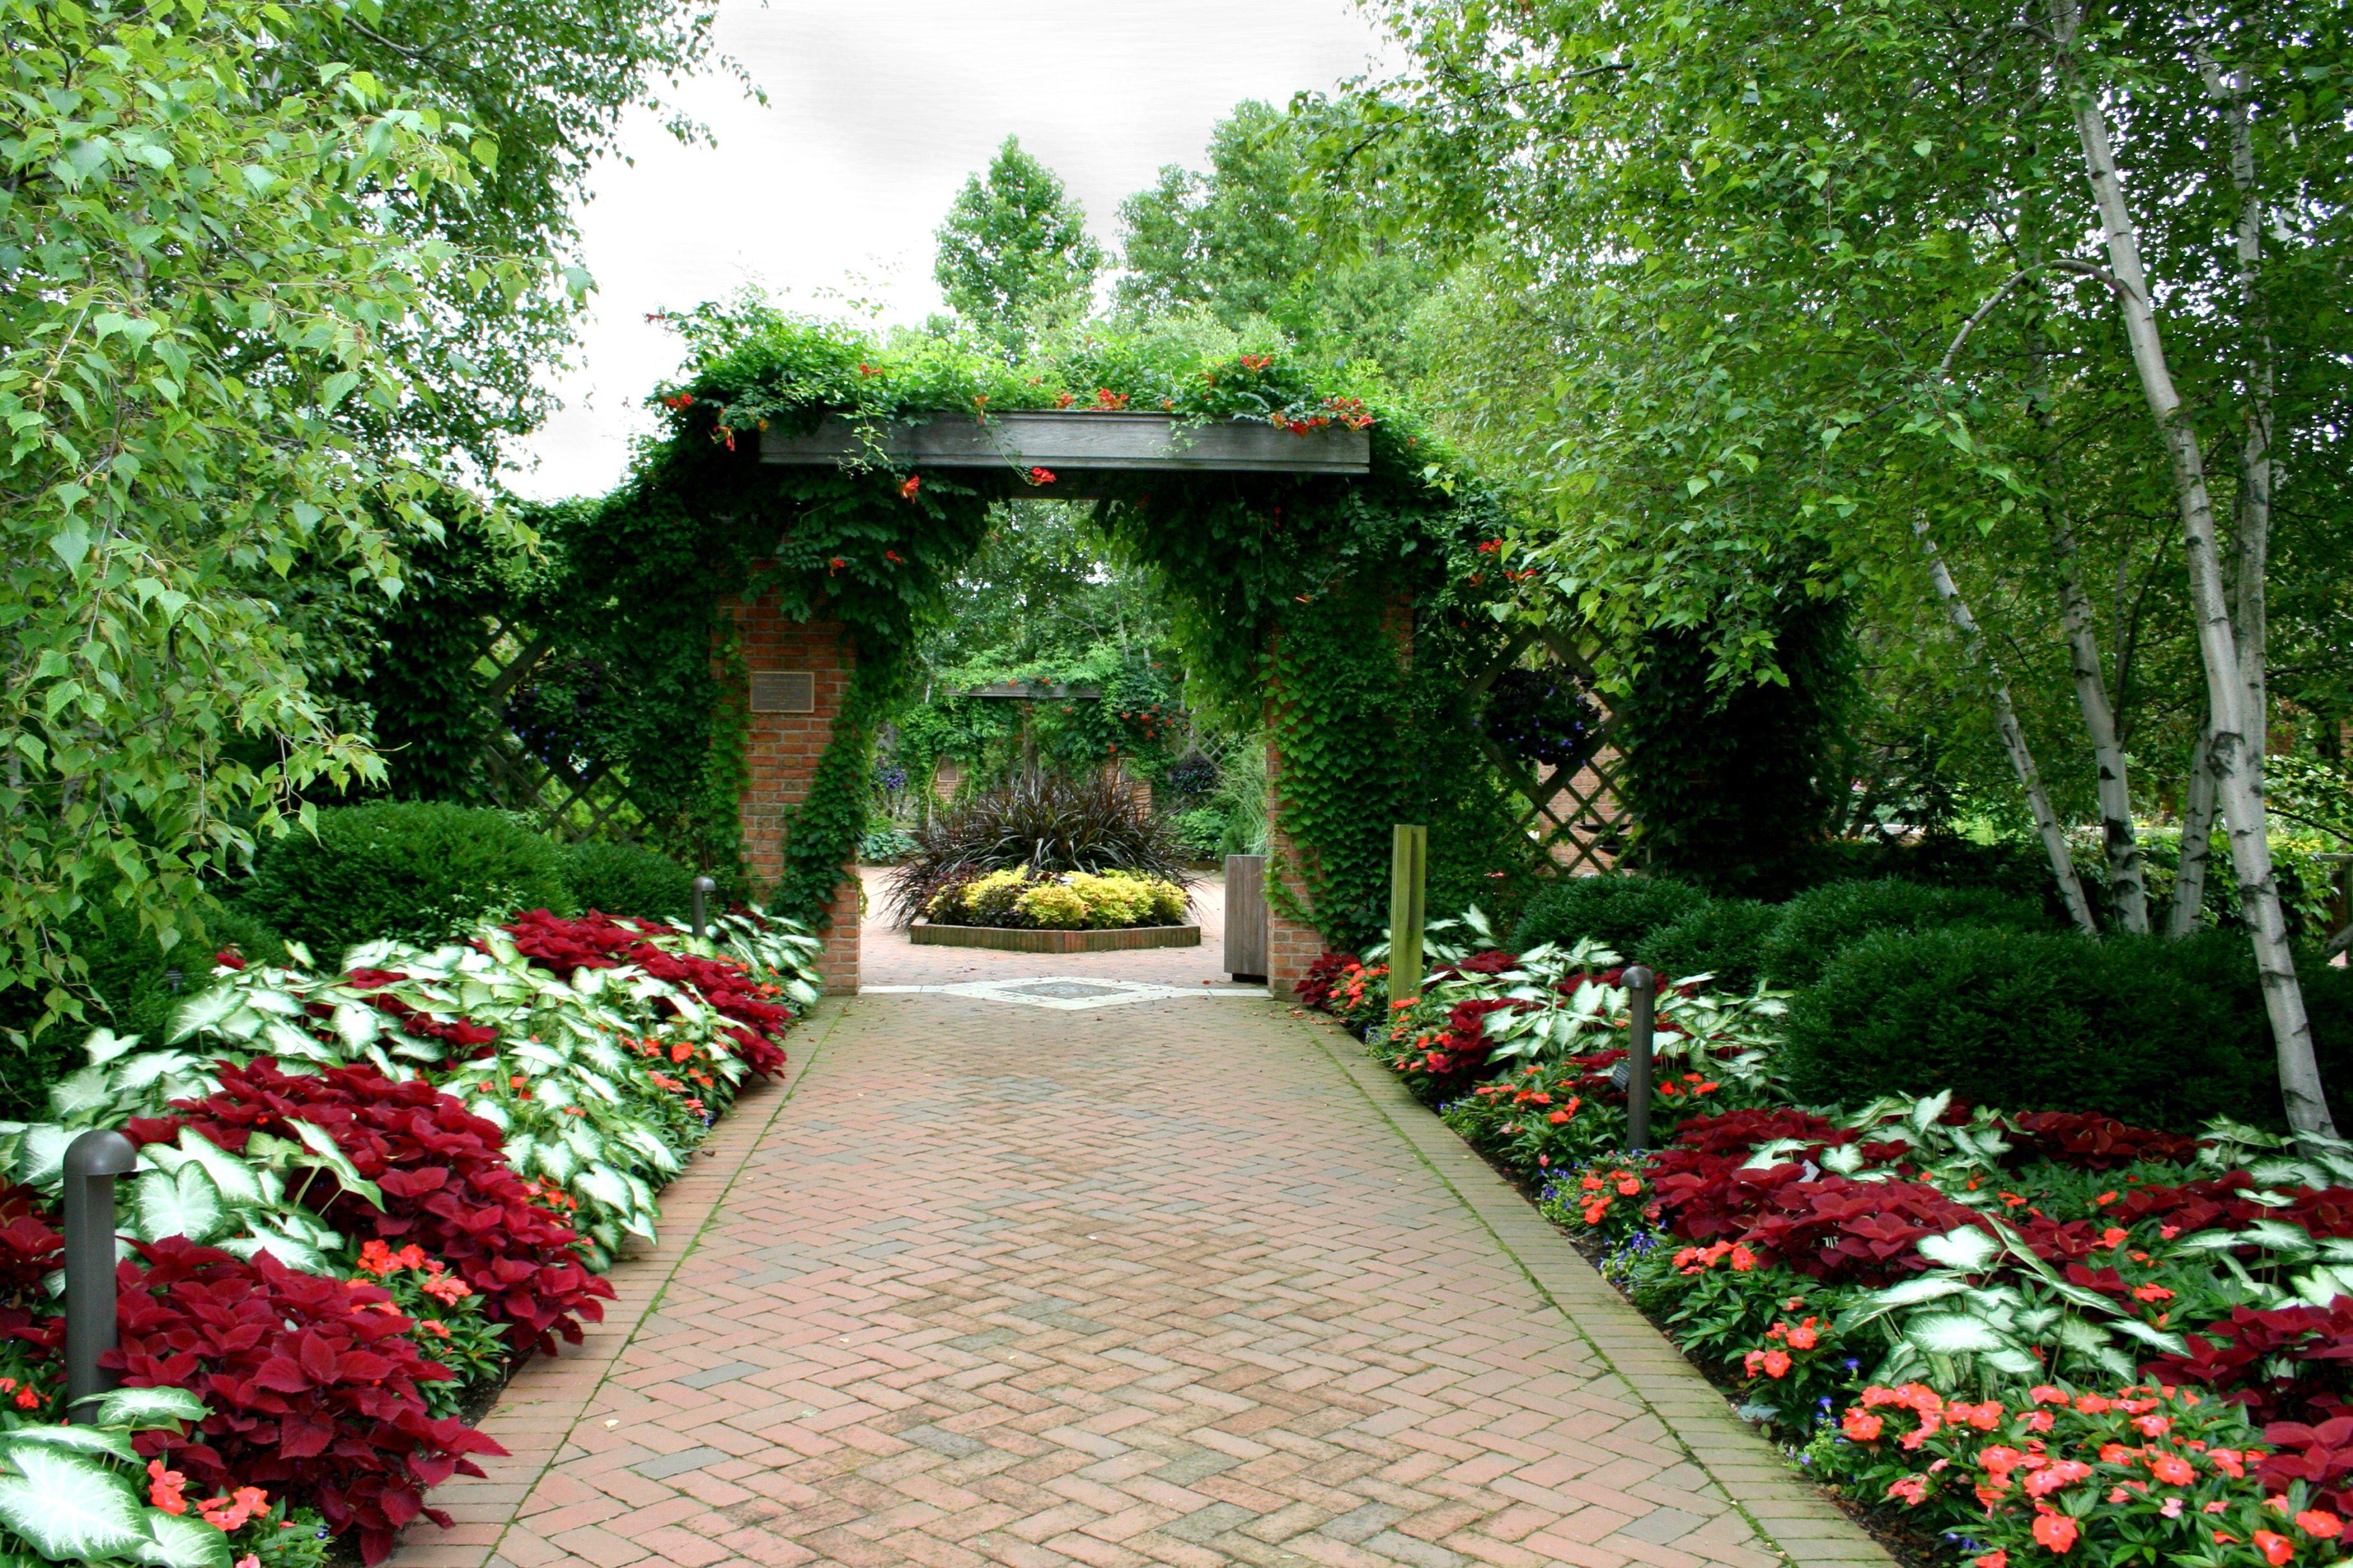 Wallpaper Hd Garden